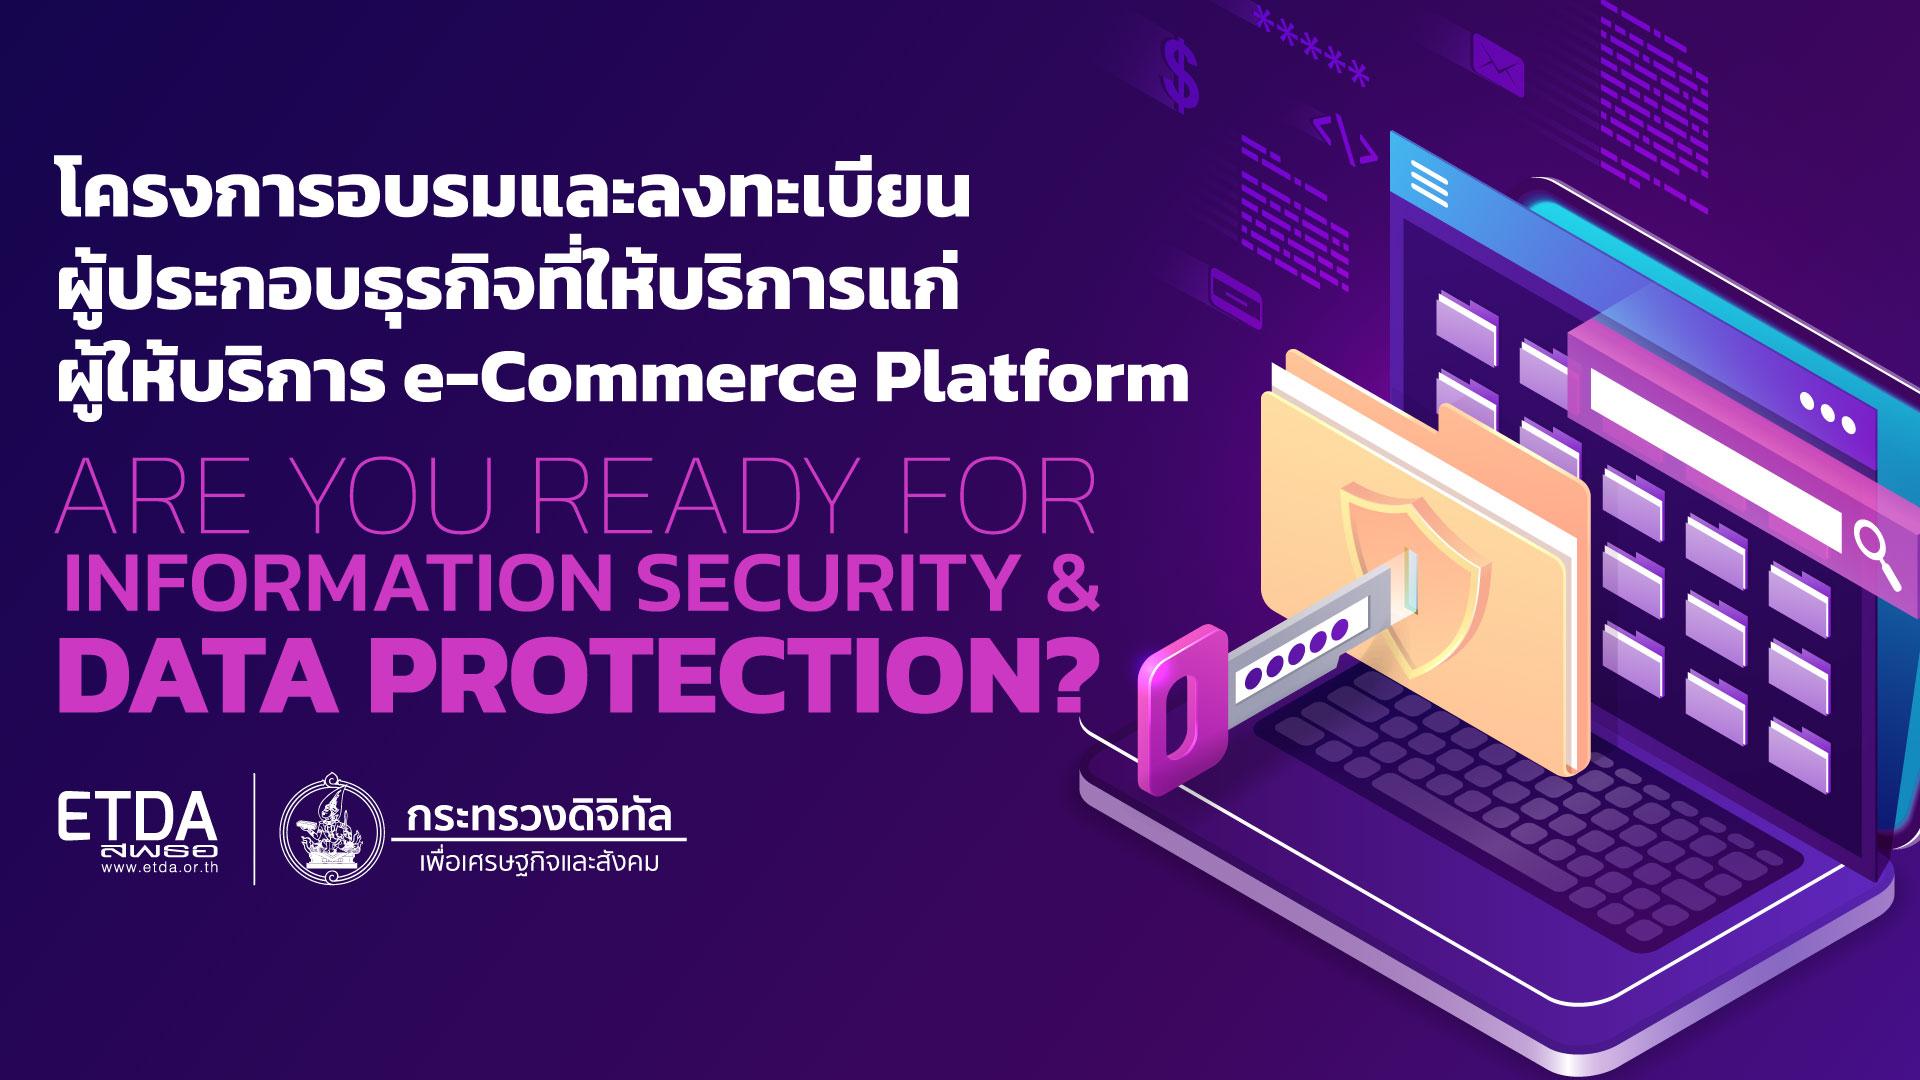 โครงการอบรมและลงทะเบียนผู้ประกอบธุรกิจที่ให้บริการแก่ ผู้ให้บริการ e-Commerce Platform เพื่อให้มีการดูแลความมั่นคงปลอดภัยข้อมูลส่วนบุคคลของผู้ใช้บริการ  e-Commerce Platform ป้องกันไม่ให้เกิดการรั่วไหลของข้อมูลส่วนบุคคล